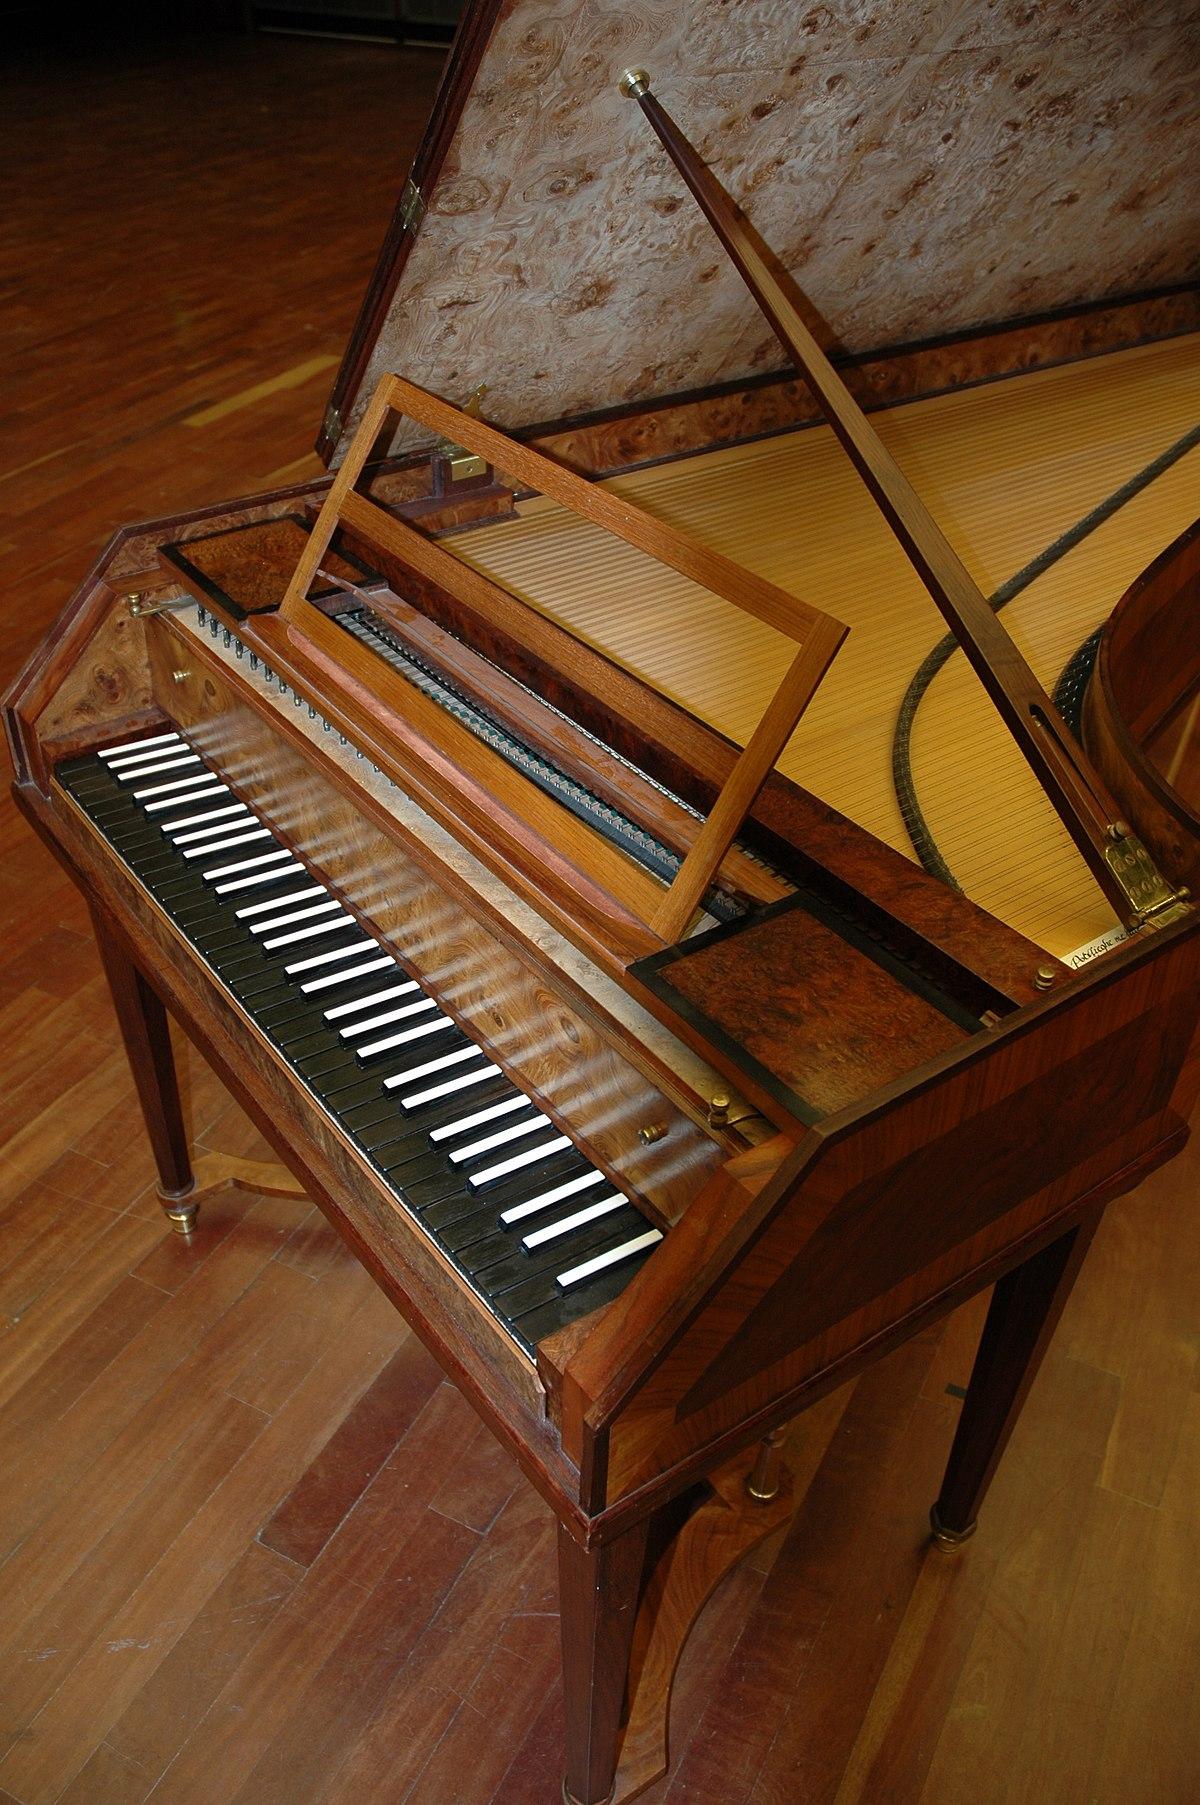 Tangent Piano Wikipedia